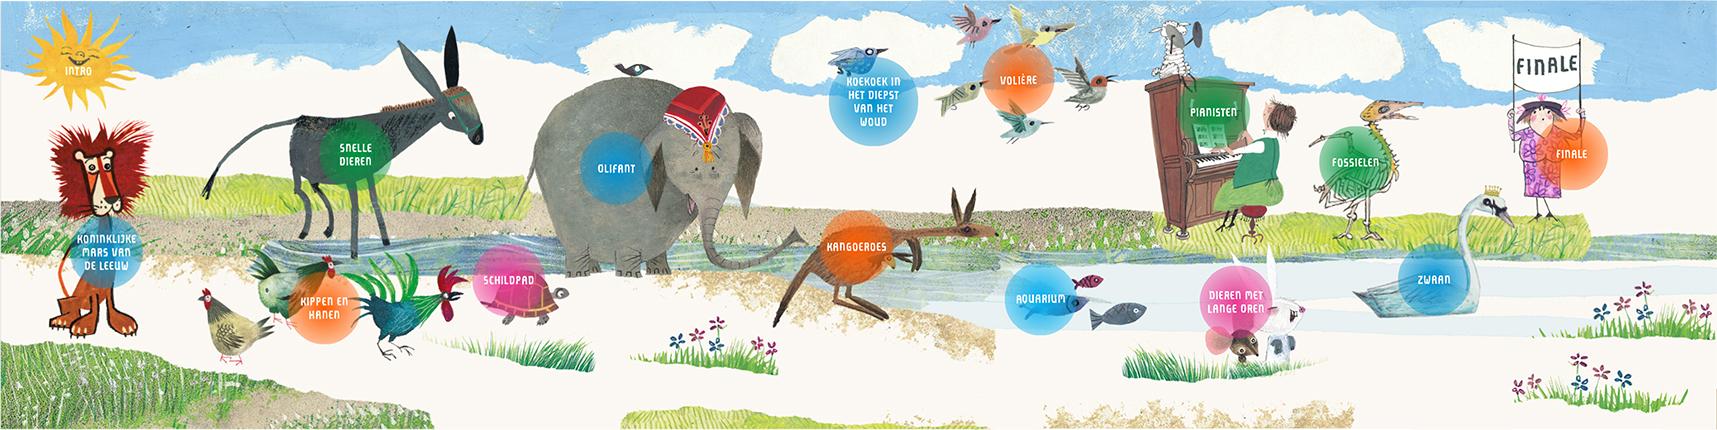 De optocht van de dieren als grote klikplaat